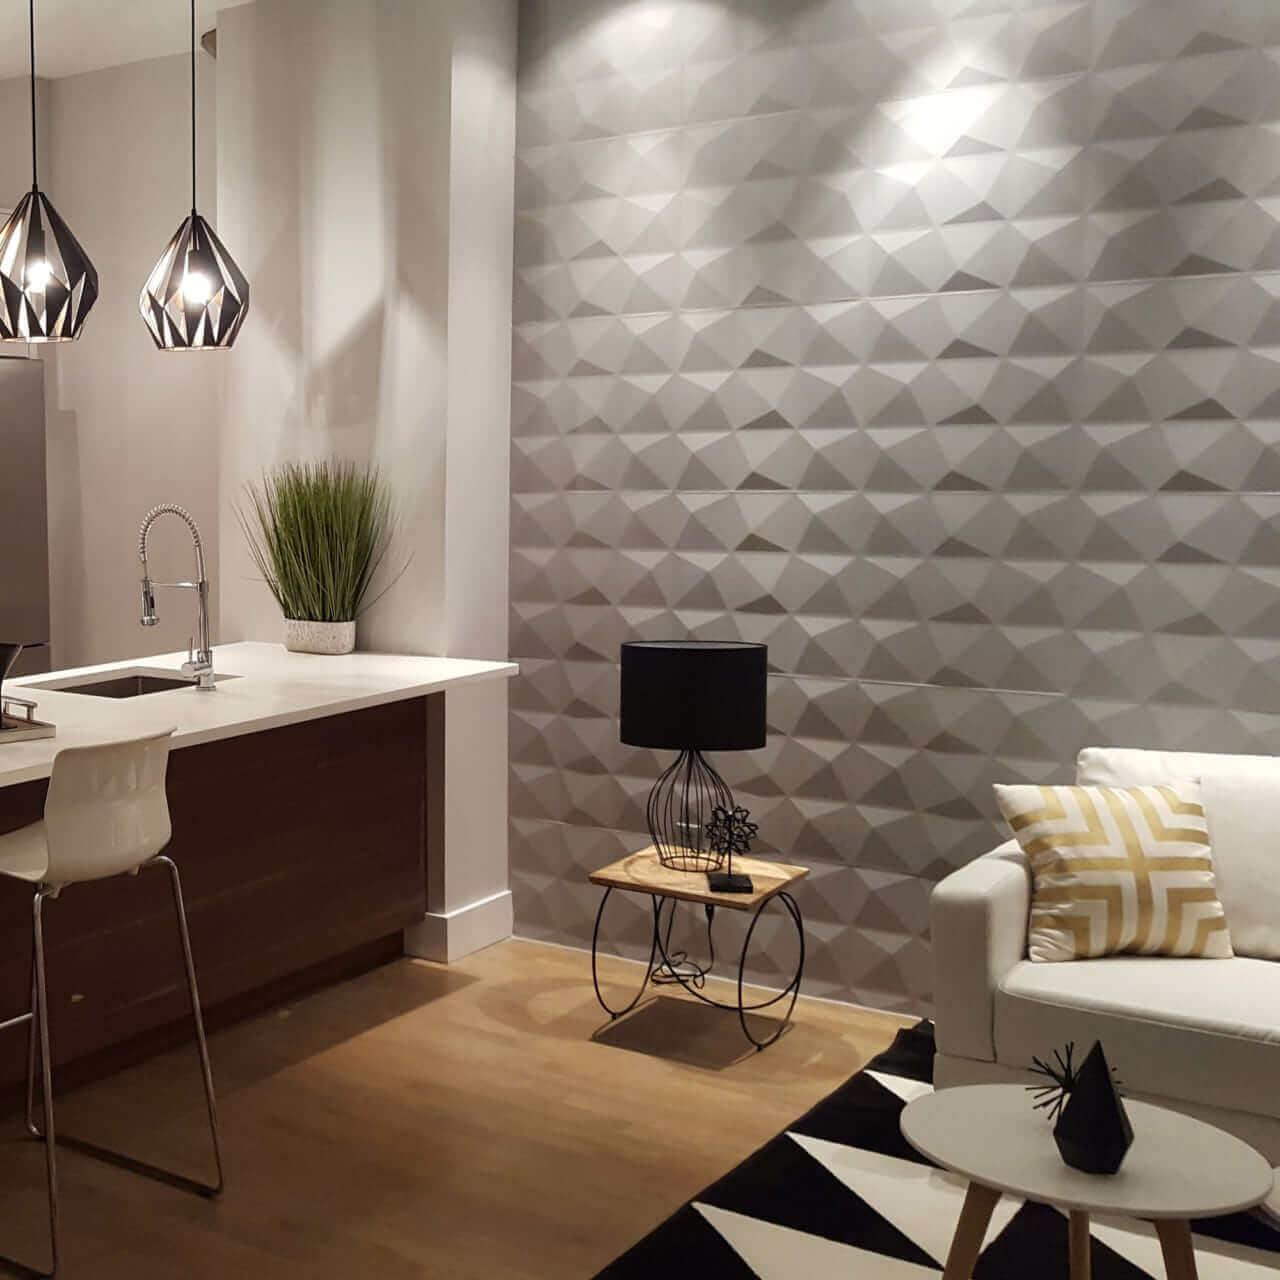 3D Textured Wall Panel Design Ideas